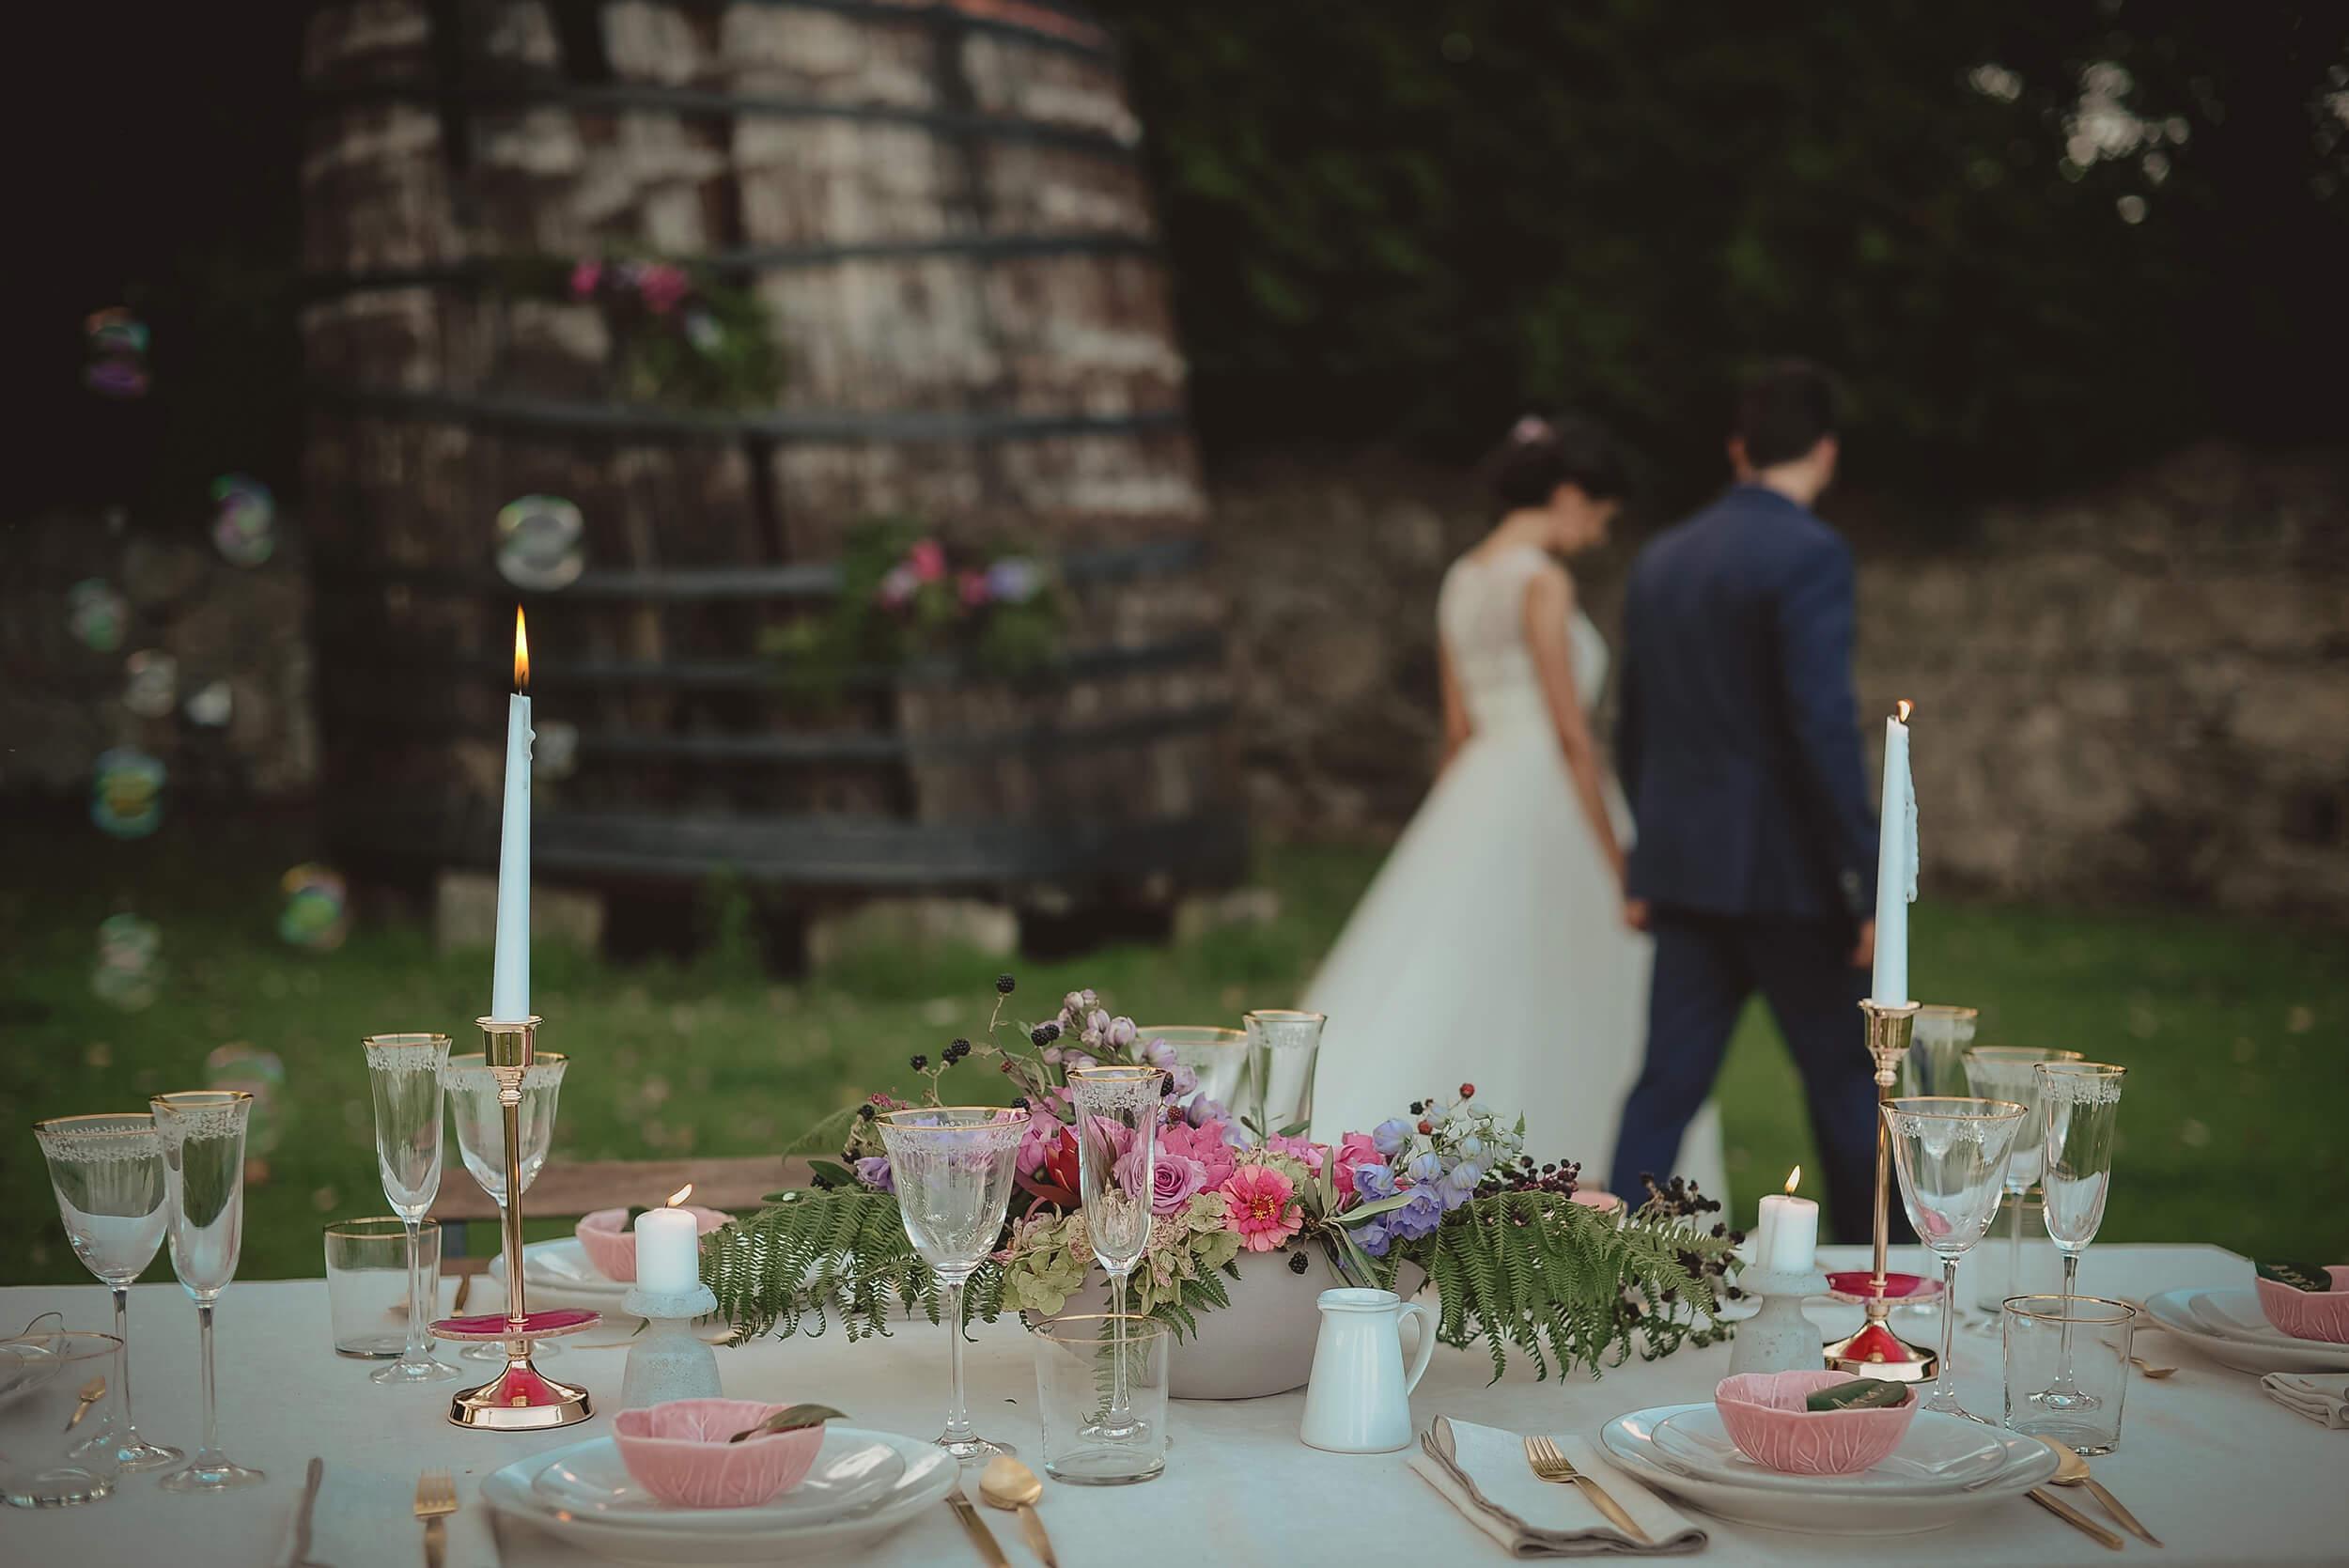 roma-organizacao-eventos-editorial-casamento-colorful-wedding-46